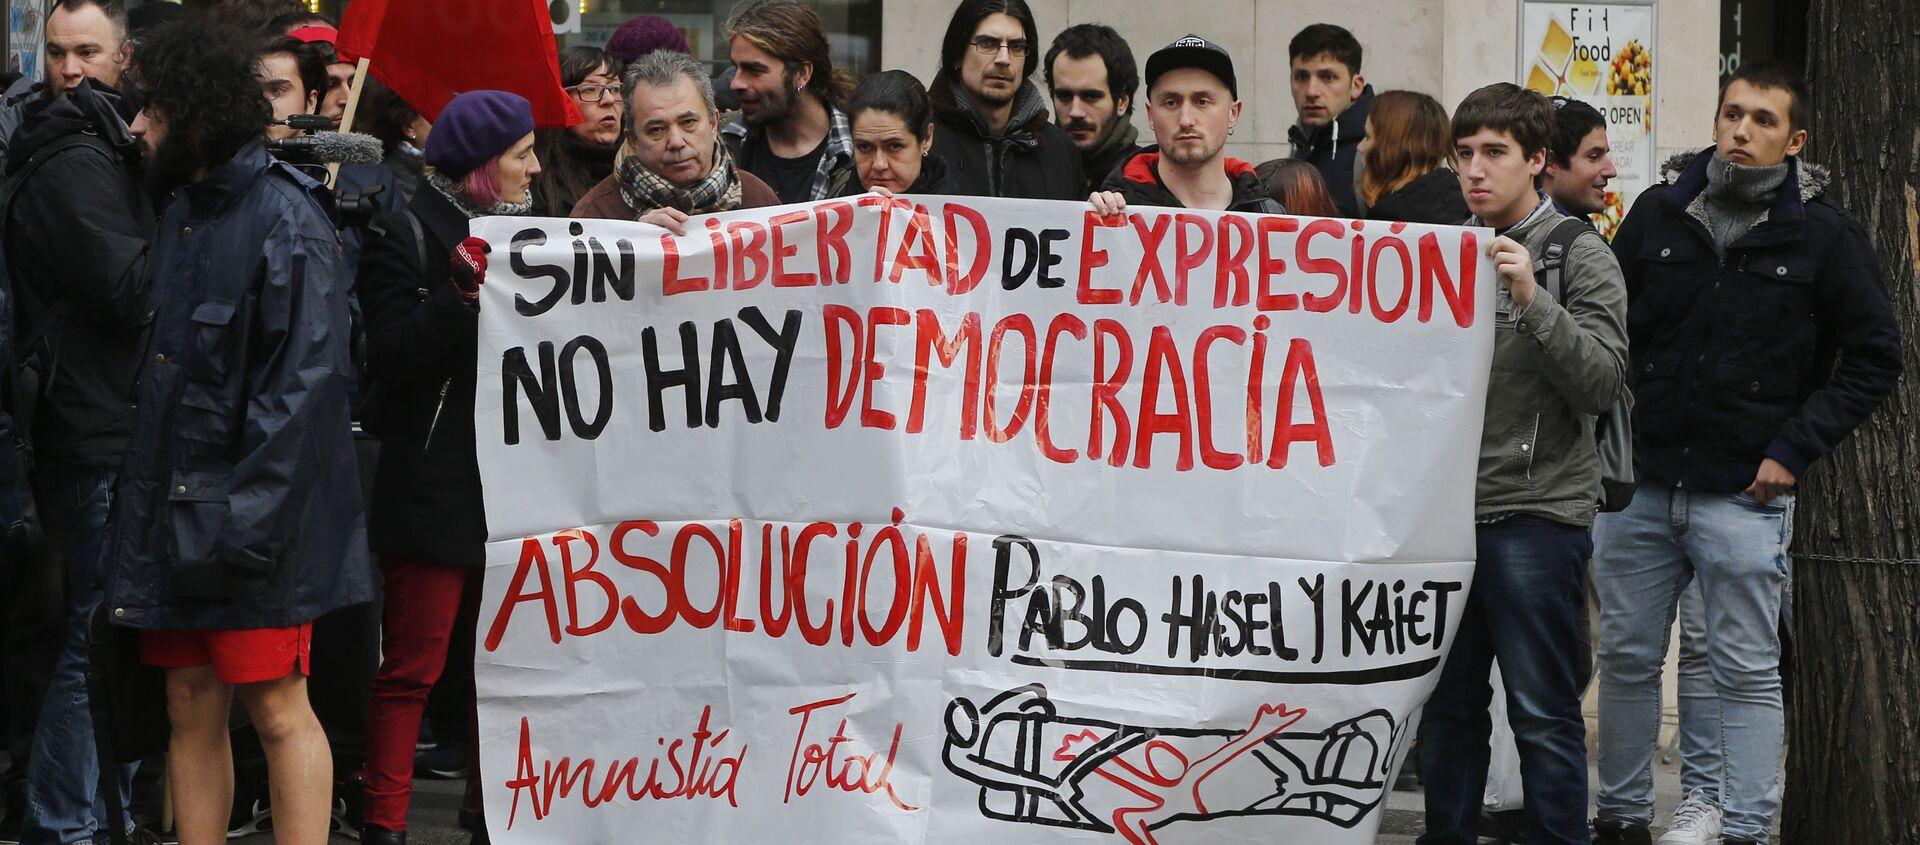 Manifestación de apoyo a Pablo Hasél y por la libertad de expresión en España en 2018 - Sputnik Mundo, 1920, 09.02.2021